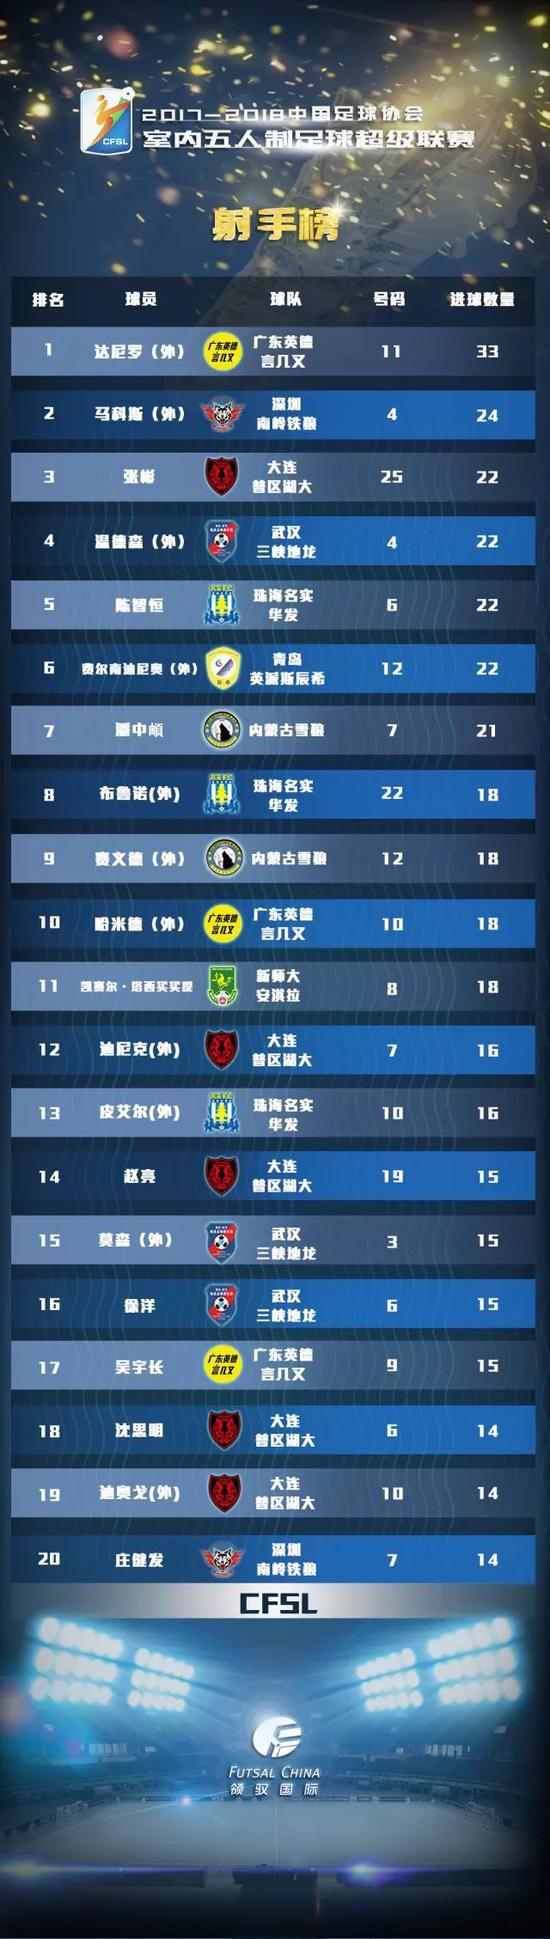 五超联赛21轮战罢:大连再平武汉 榜首优势继续缩小